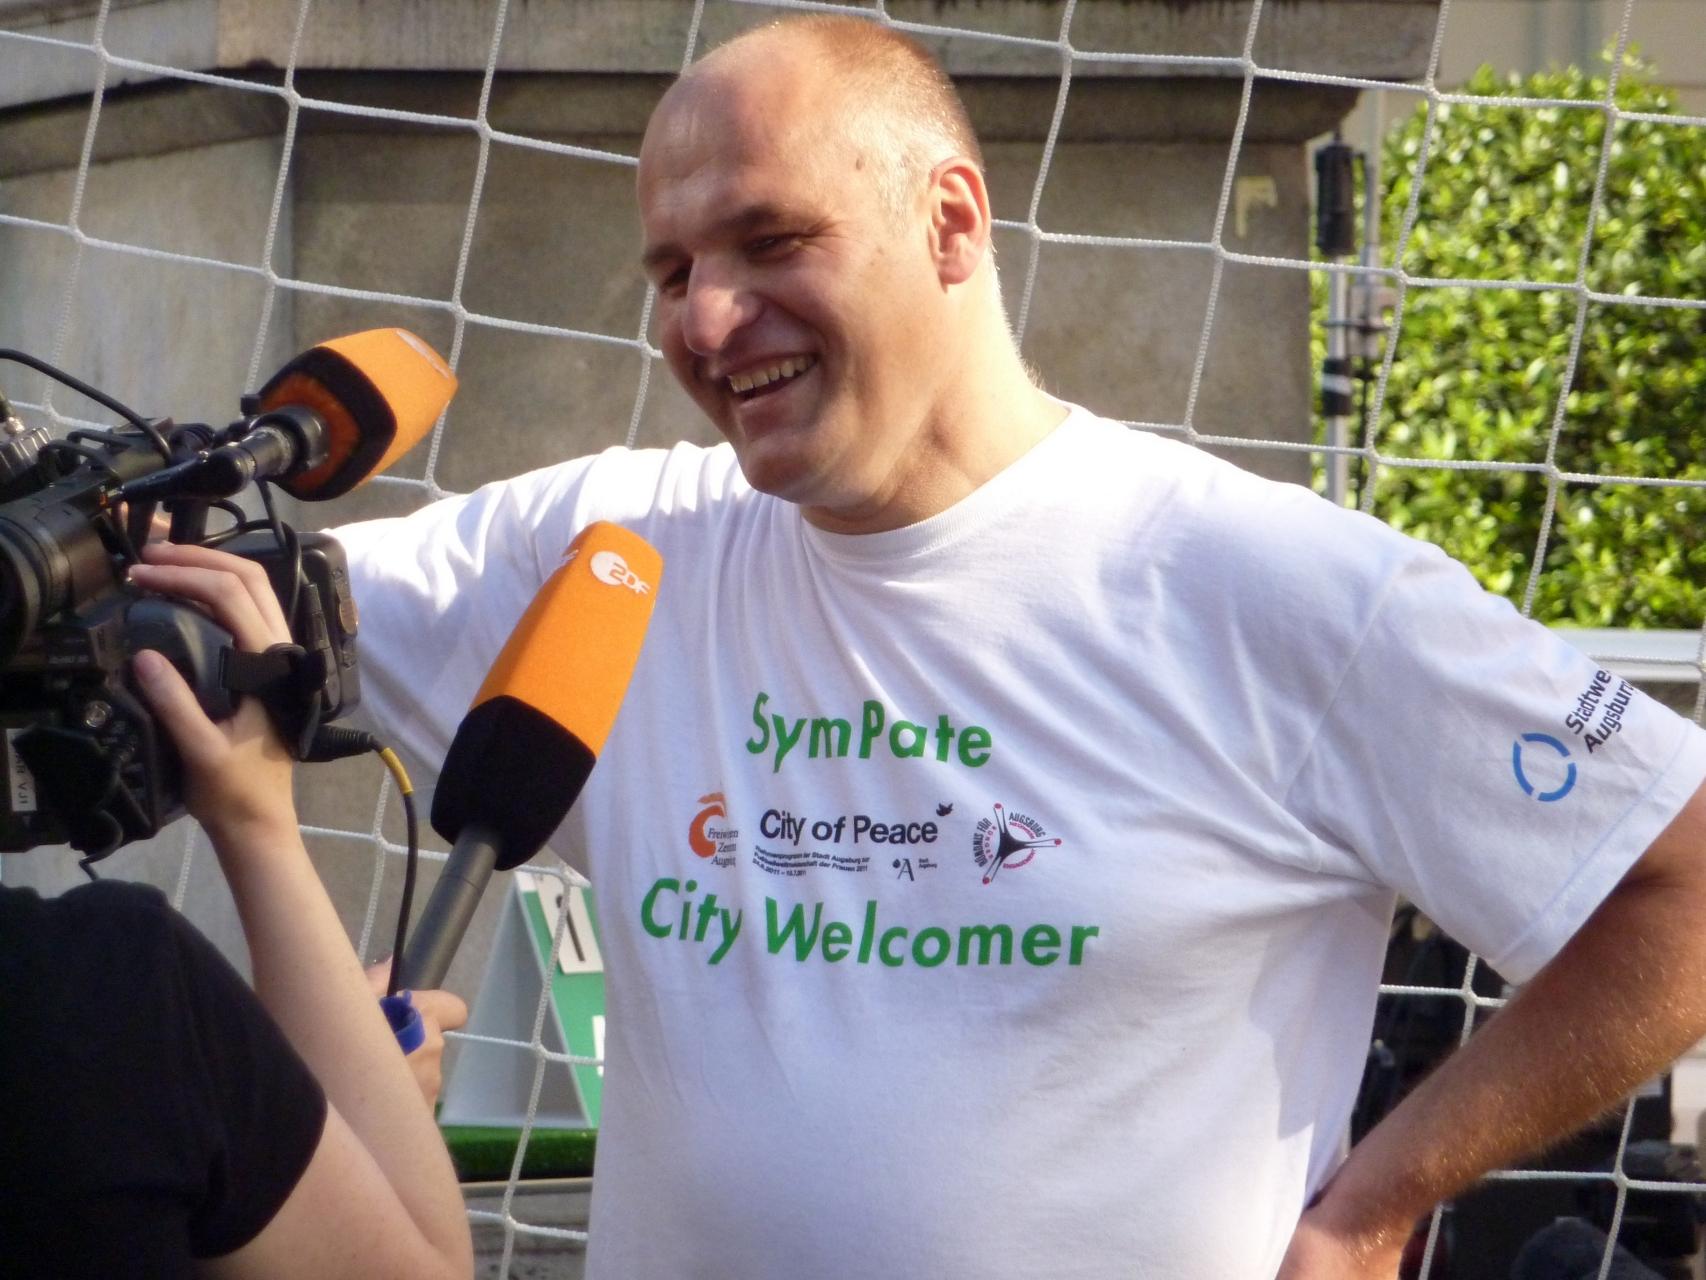 SymPaten - City Welcomers 2011 - Guinness World Records Elfmeterwettbewerb 29.06.11 - Foto: Barbara Friedrichs - Freiwilligen-Zentrum Augsburg